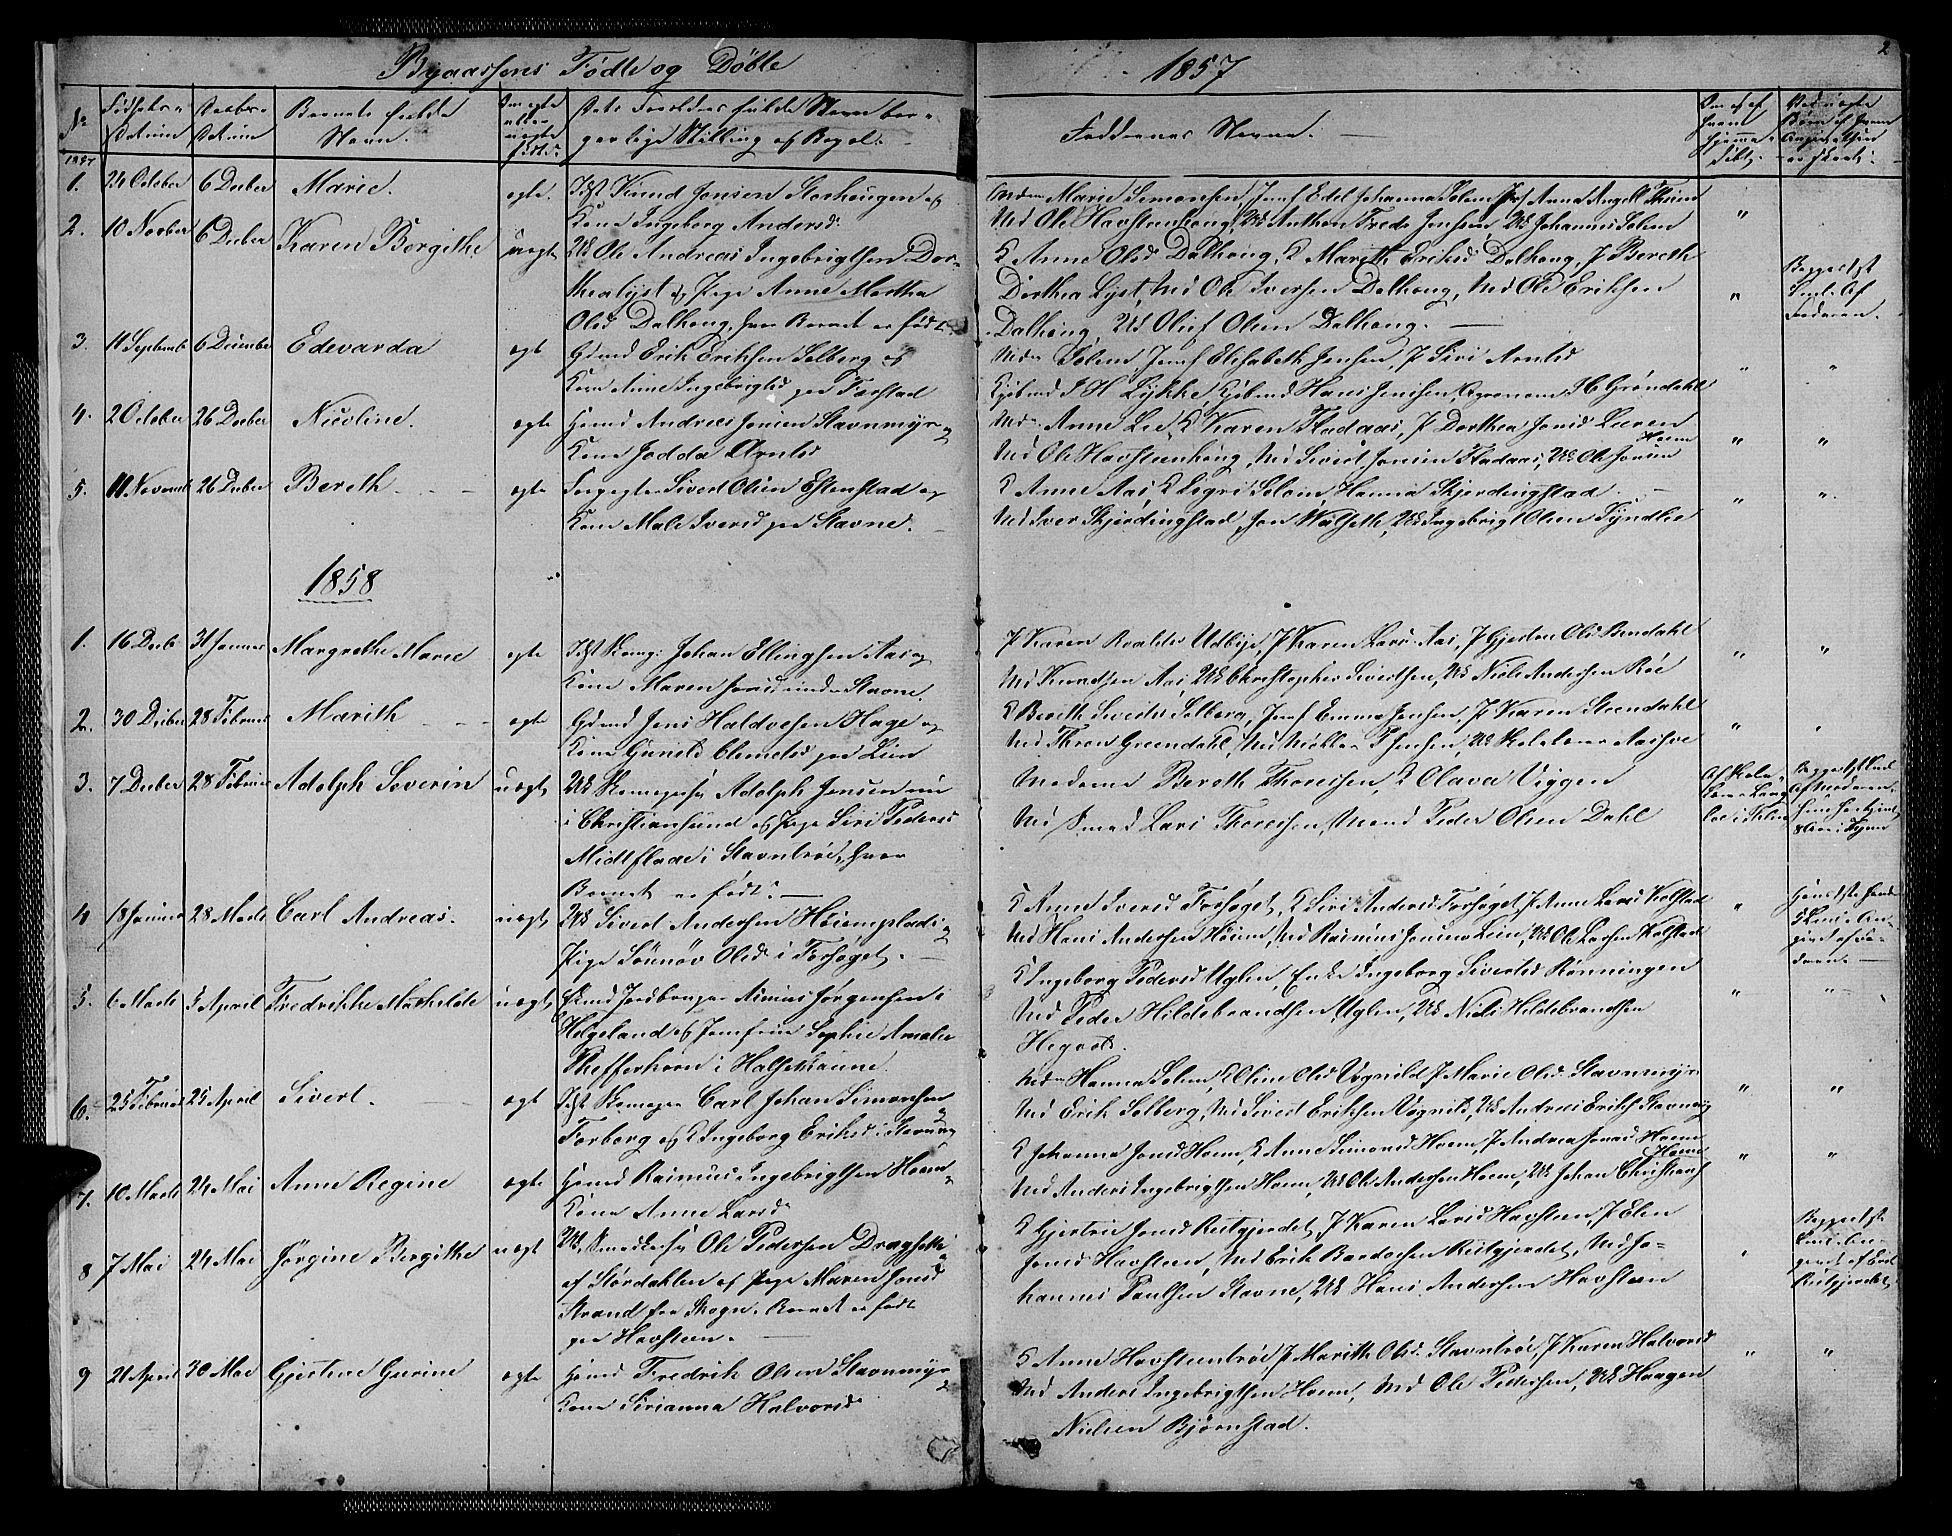 SAT, Ministerialprotokoller, klokkerbøker og fødselsregistre - Sør-Trøndelag, 611/L0353: Klokkerbok nr. 611C01, 1854-1881, s. 2